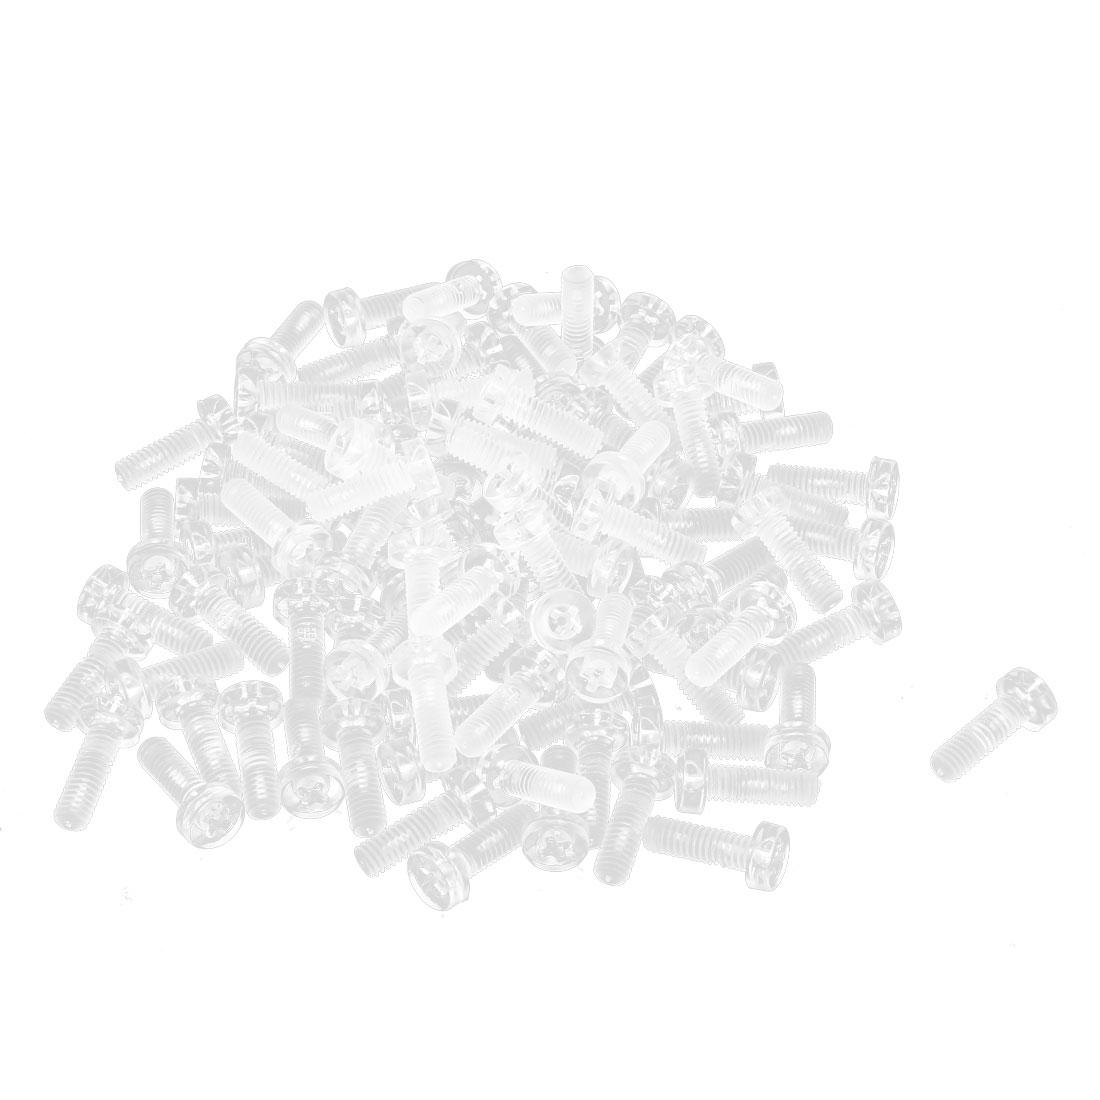 100pcs M4 x 12mm Plastic Phillips Cross Head Machine Screws Clear